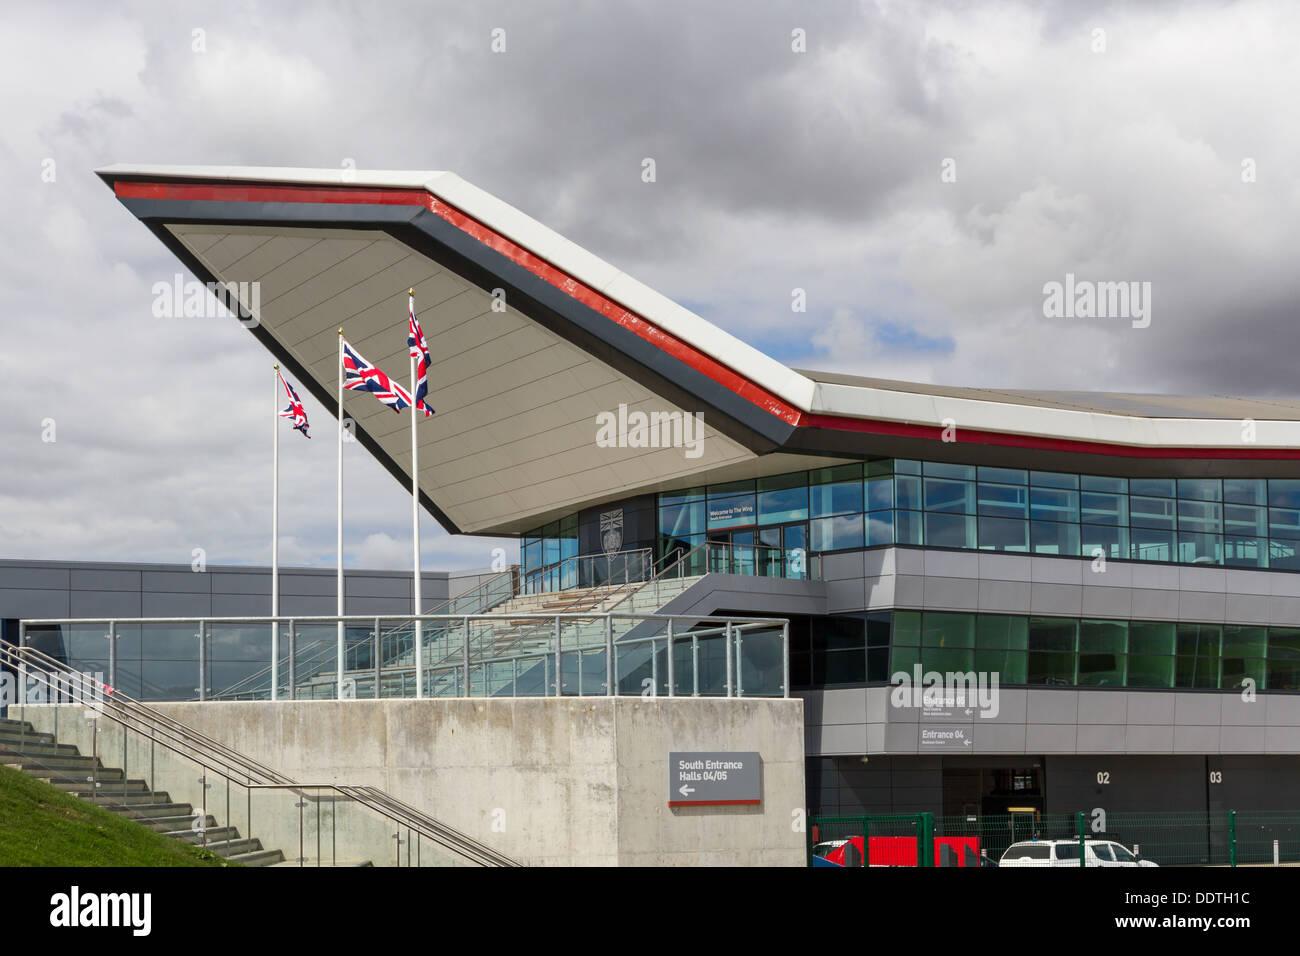 Building Circuit Stock Photos & Building Circuit Stock Images - Alamy